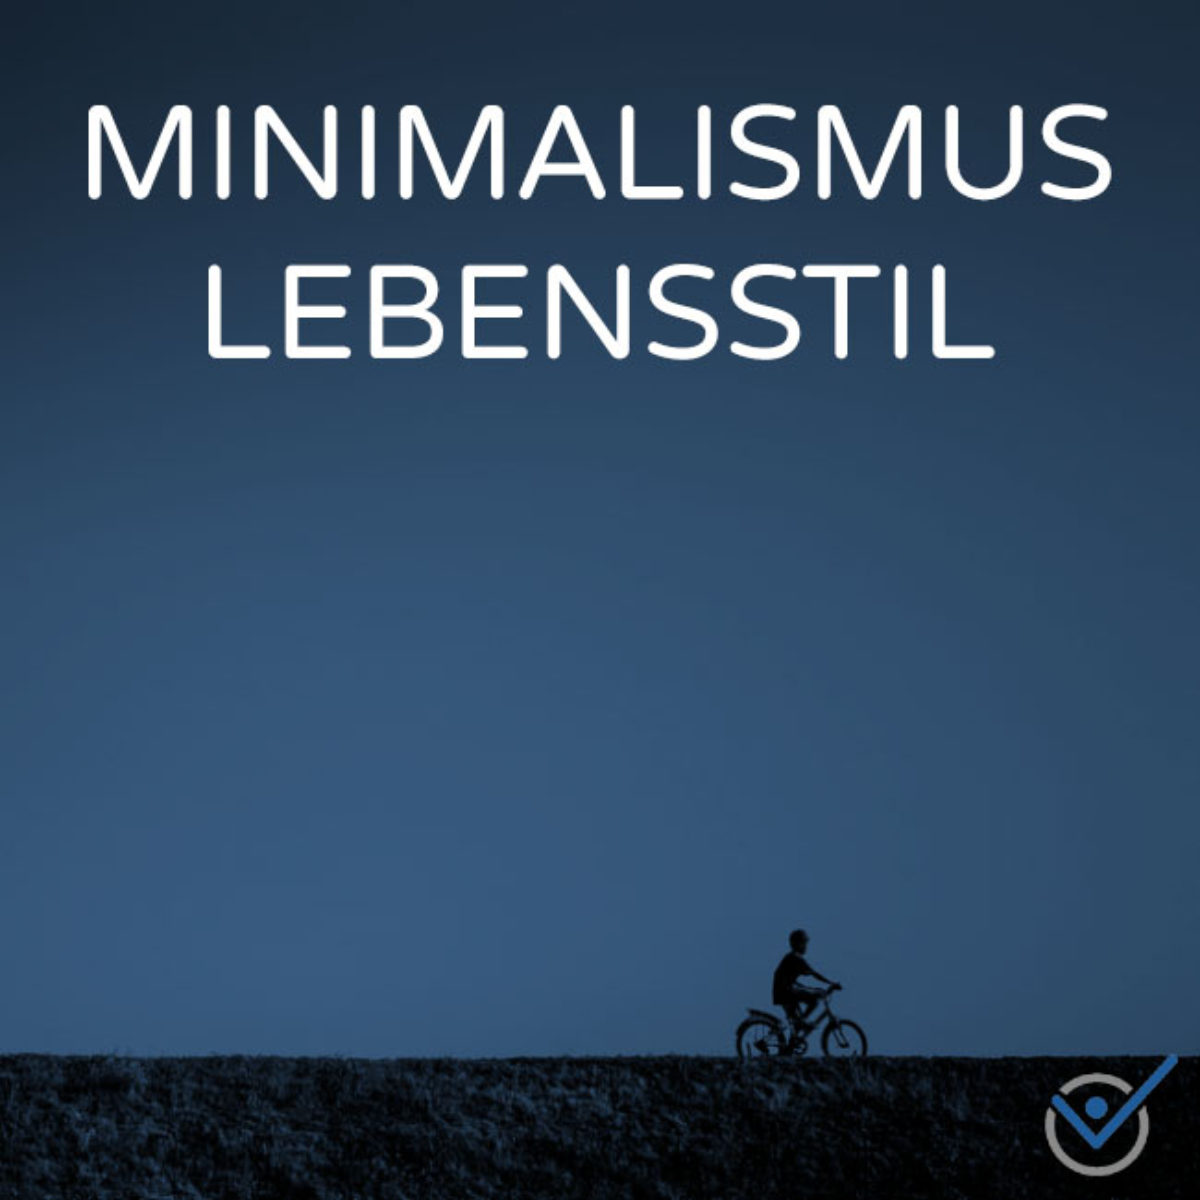 Minimalismus lebensstil nicht wegwerfen sondern finden for Was ist minimalismus